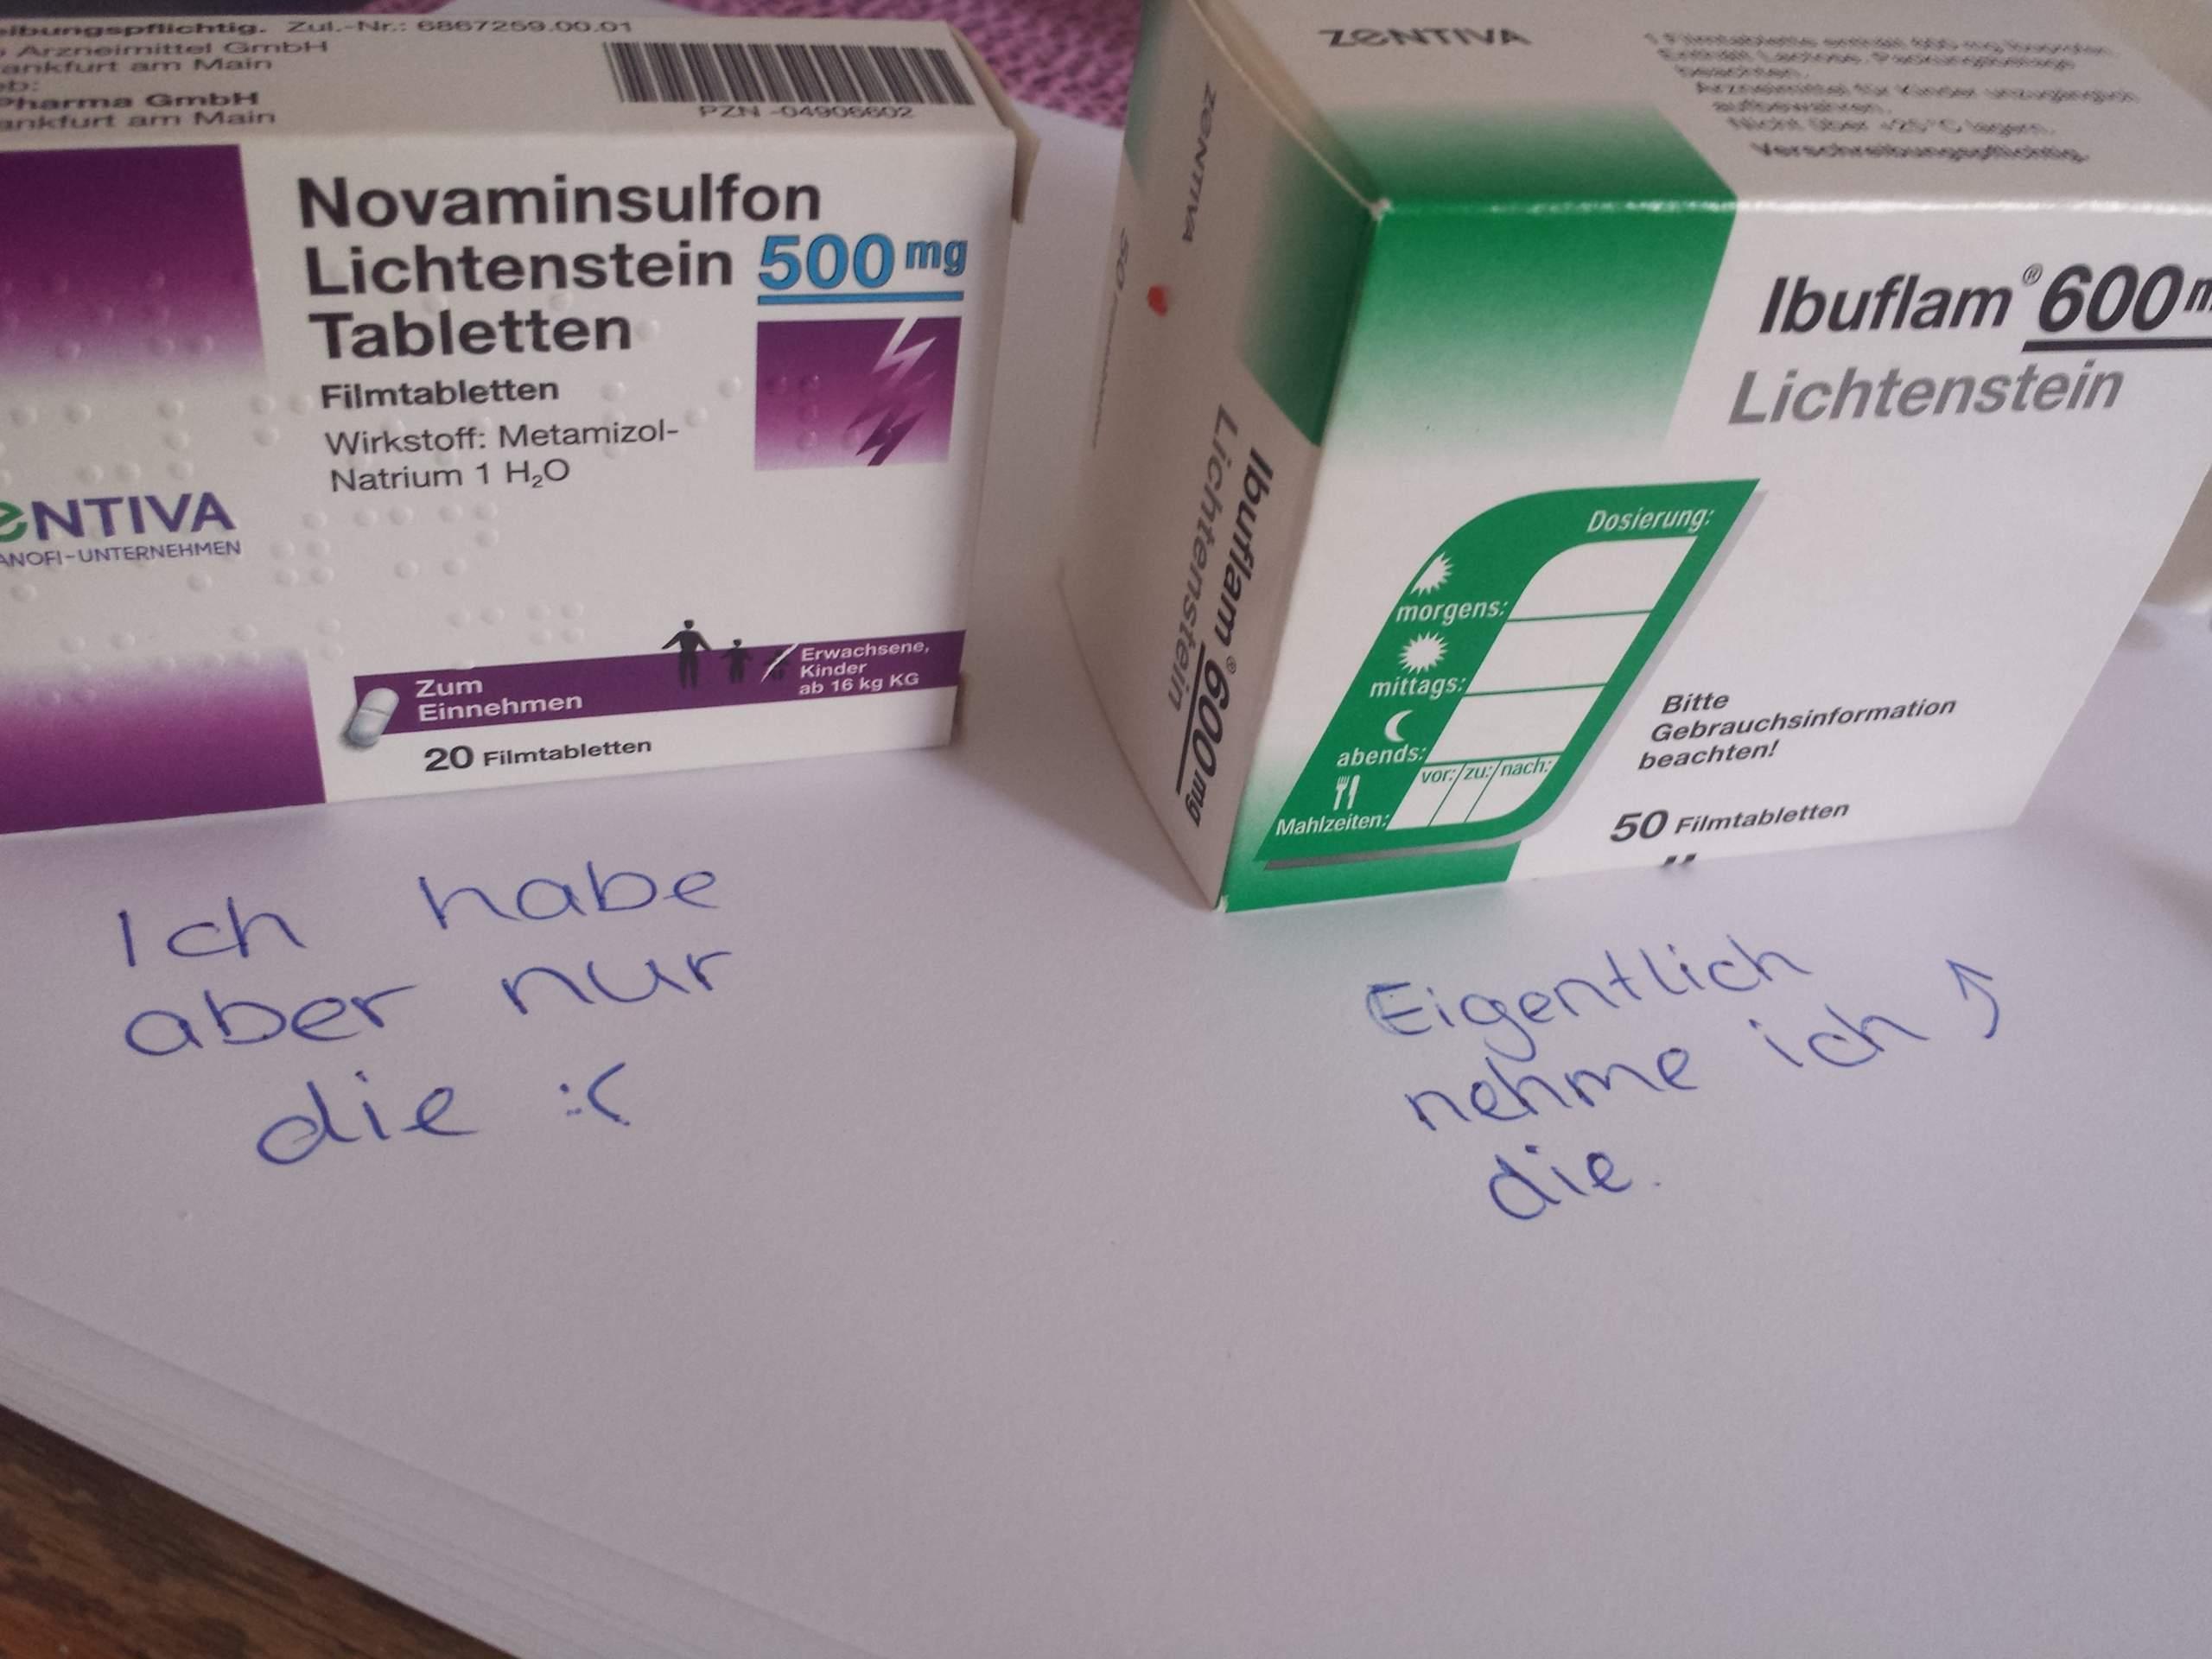 Mg ibuprofen 500 novaminsulfon 600 oder Novaminsulfon (Metamizol):